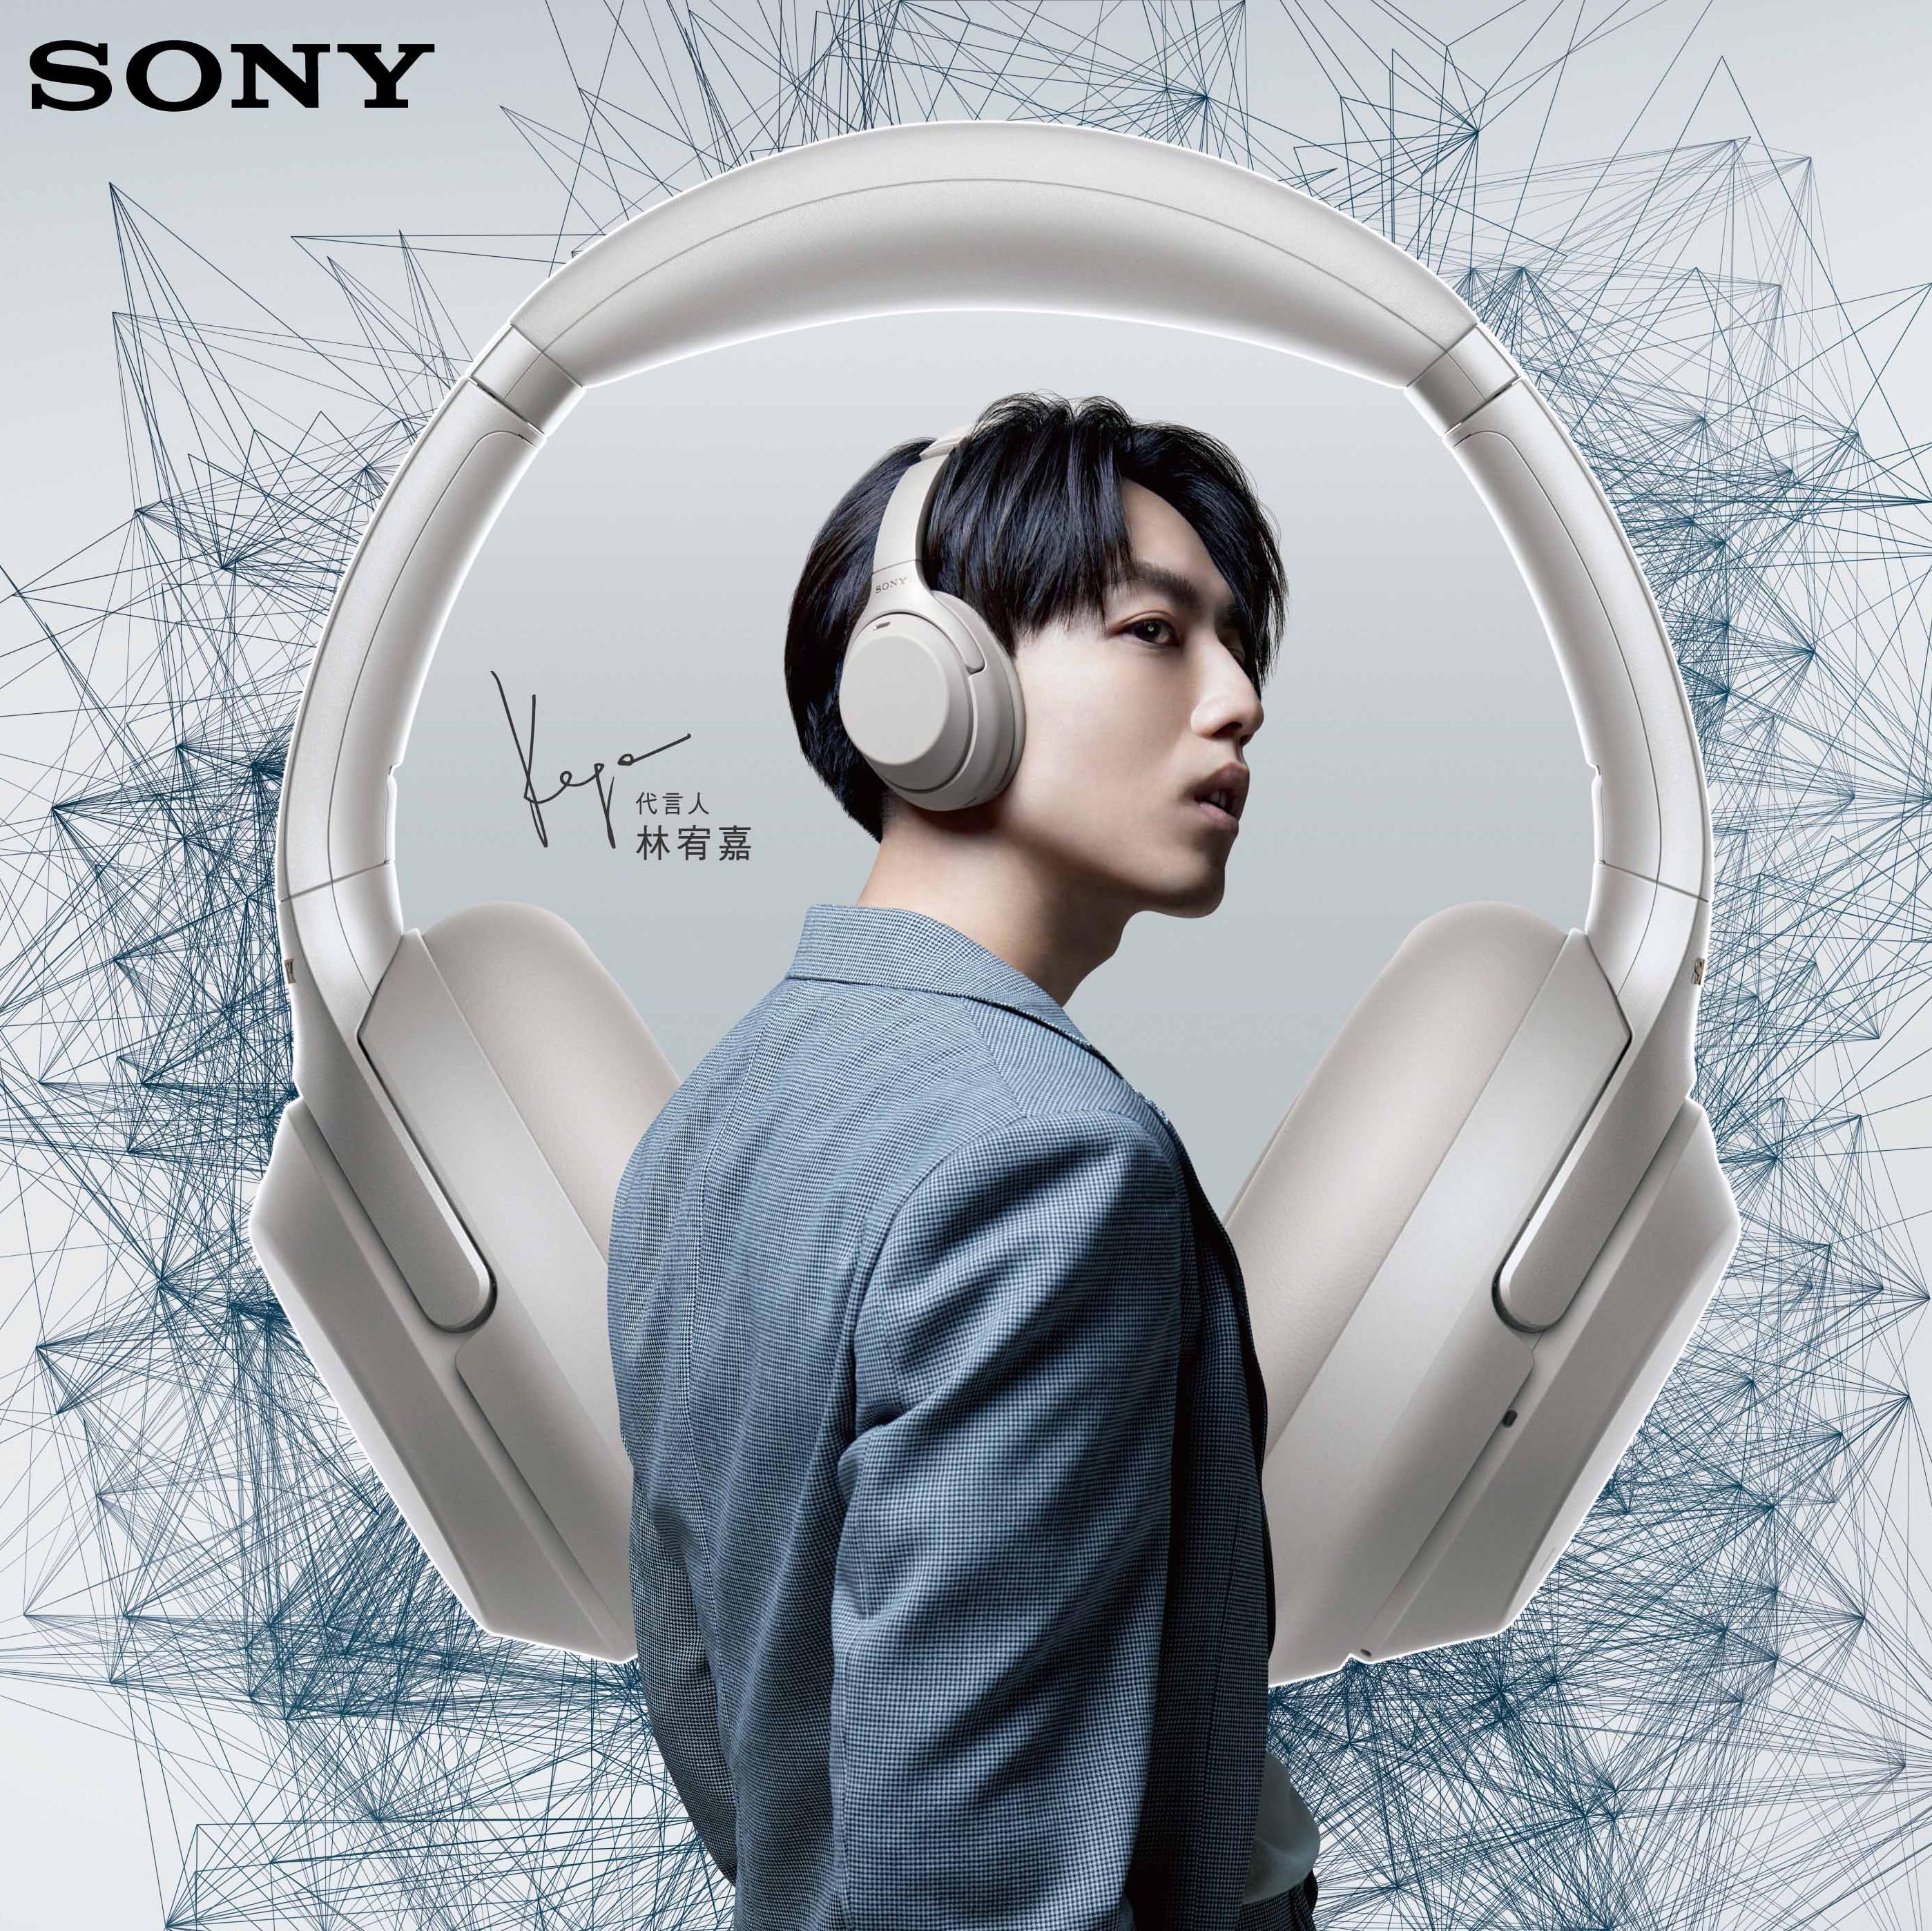 聆聽音樂不被世界干擾!林宥嘉、四分衛年度代言 Sony 年度耳機新聲登場